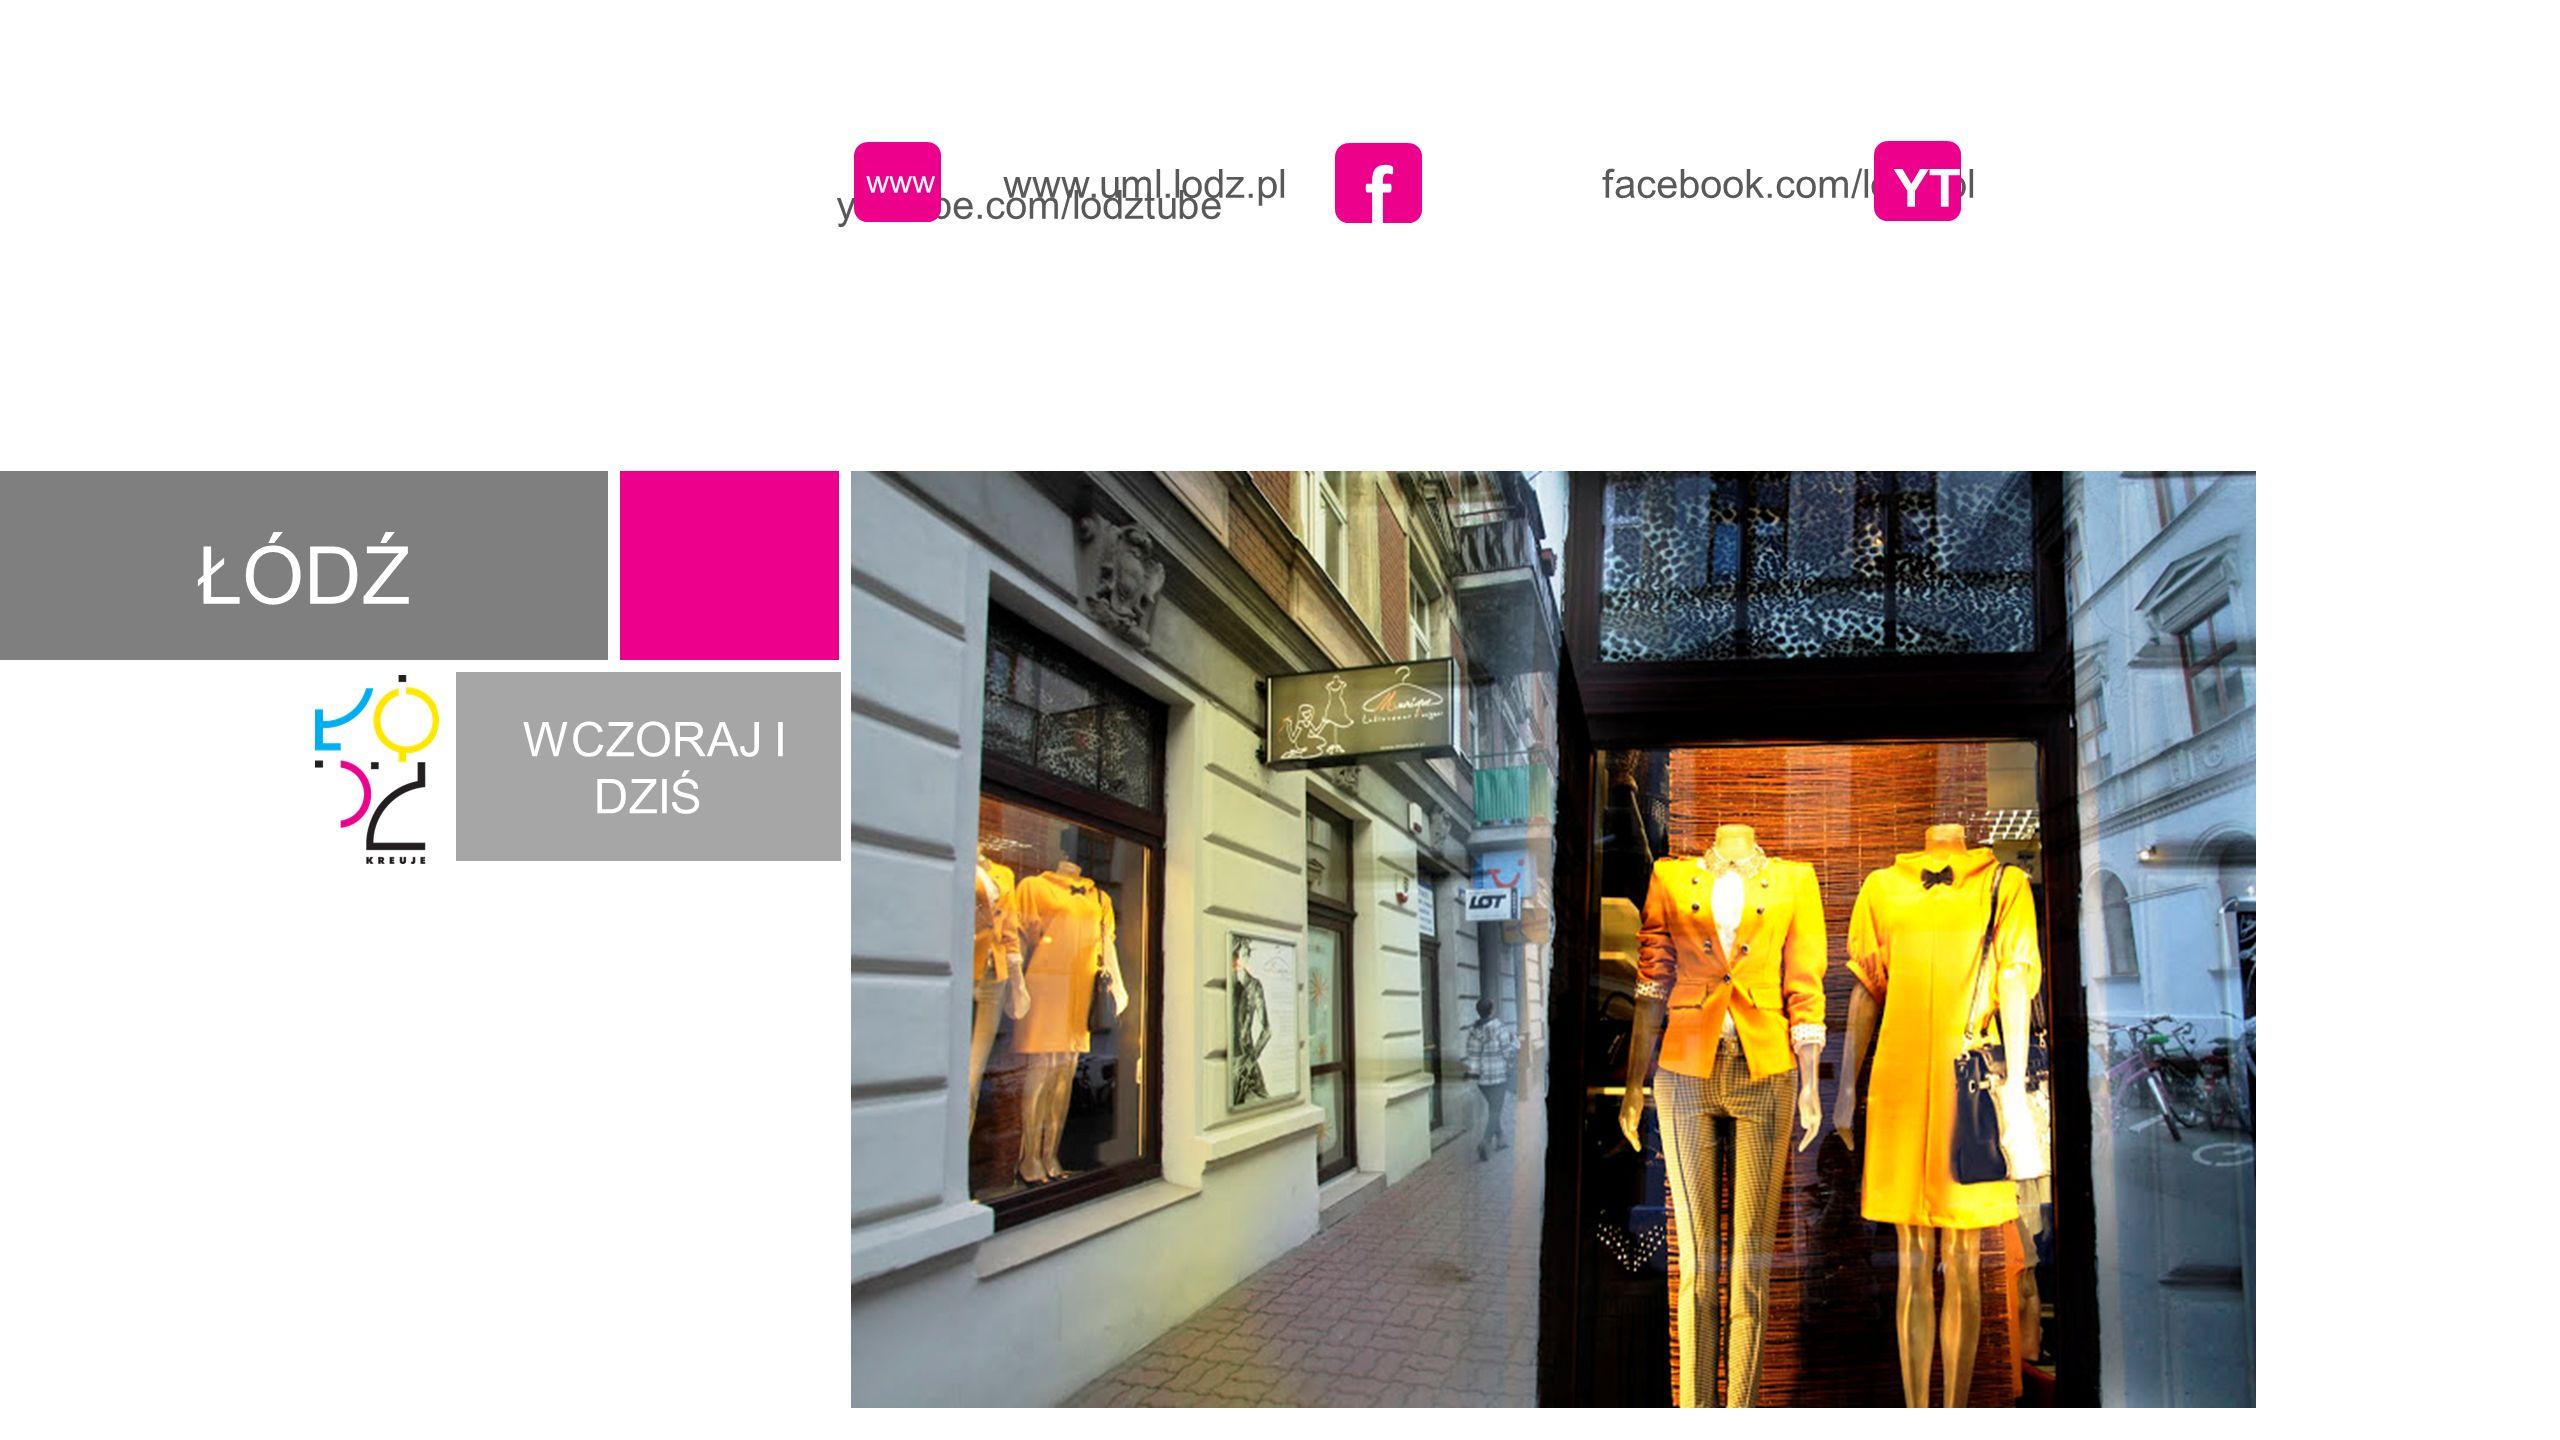 www.uml.lodz.pl facebook.com/lodz.pl youtube.com/lodztube www f YT ŁÓDŹ WCZORAJ I DZIŚ